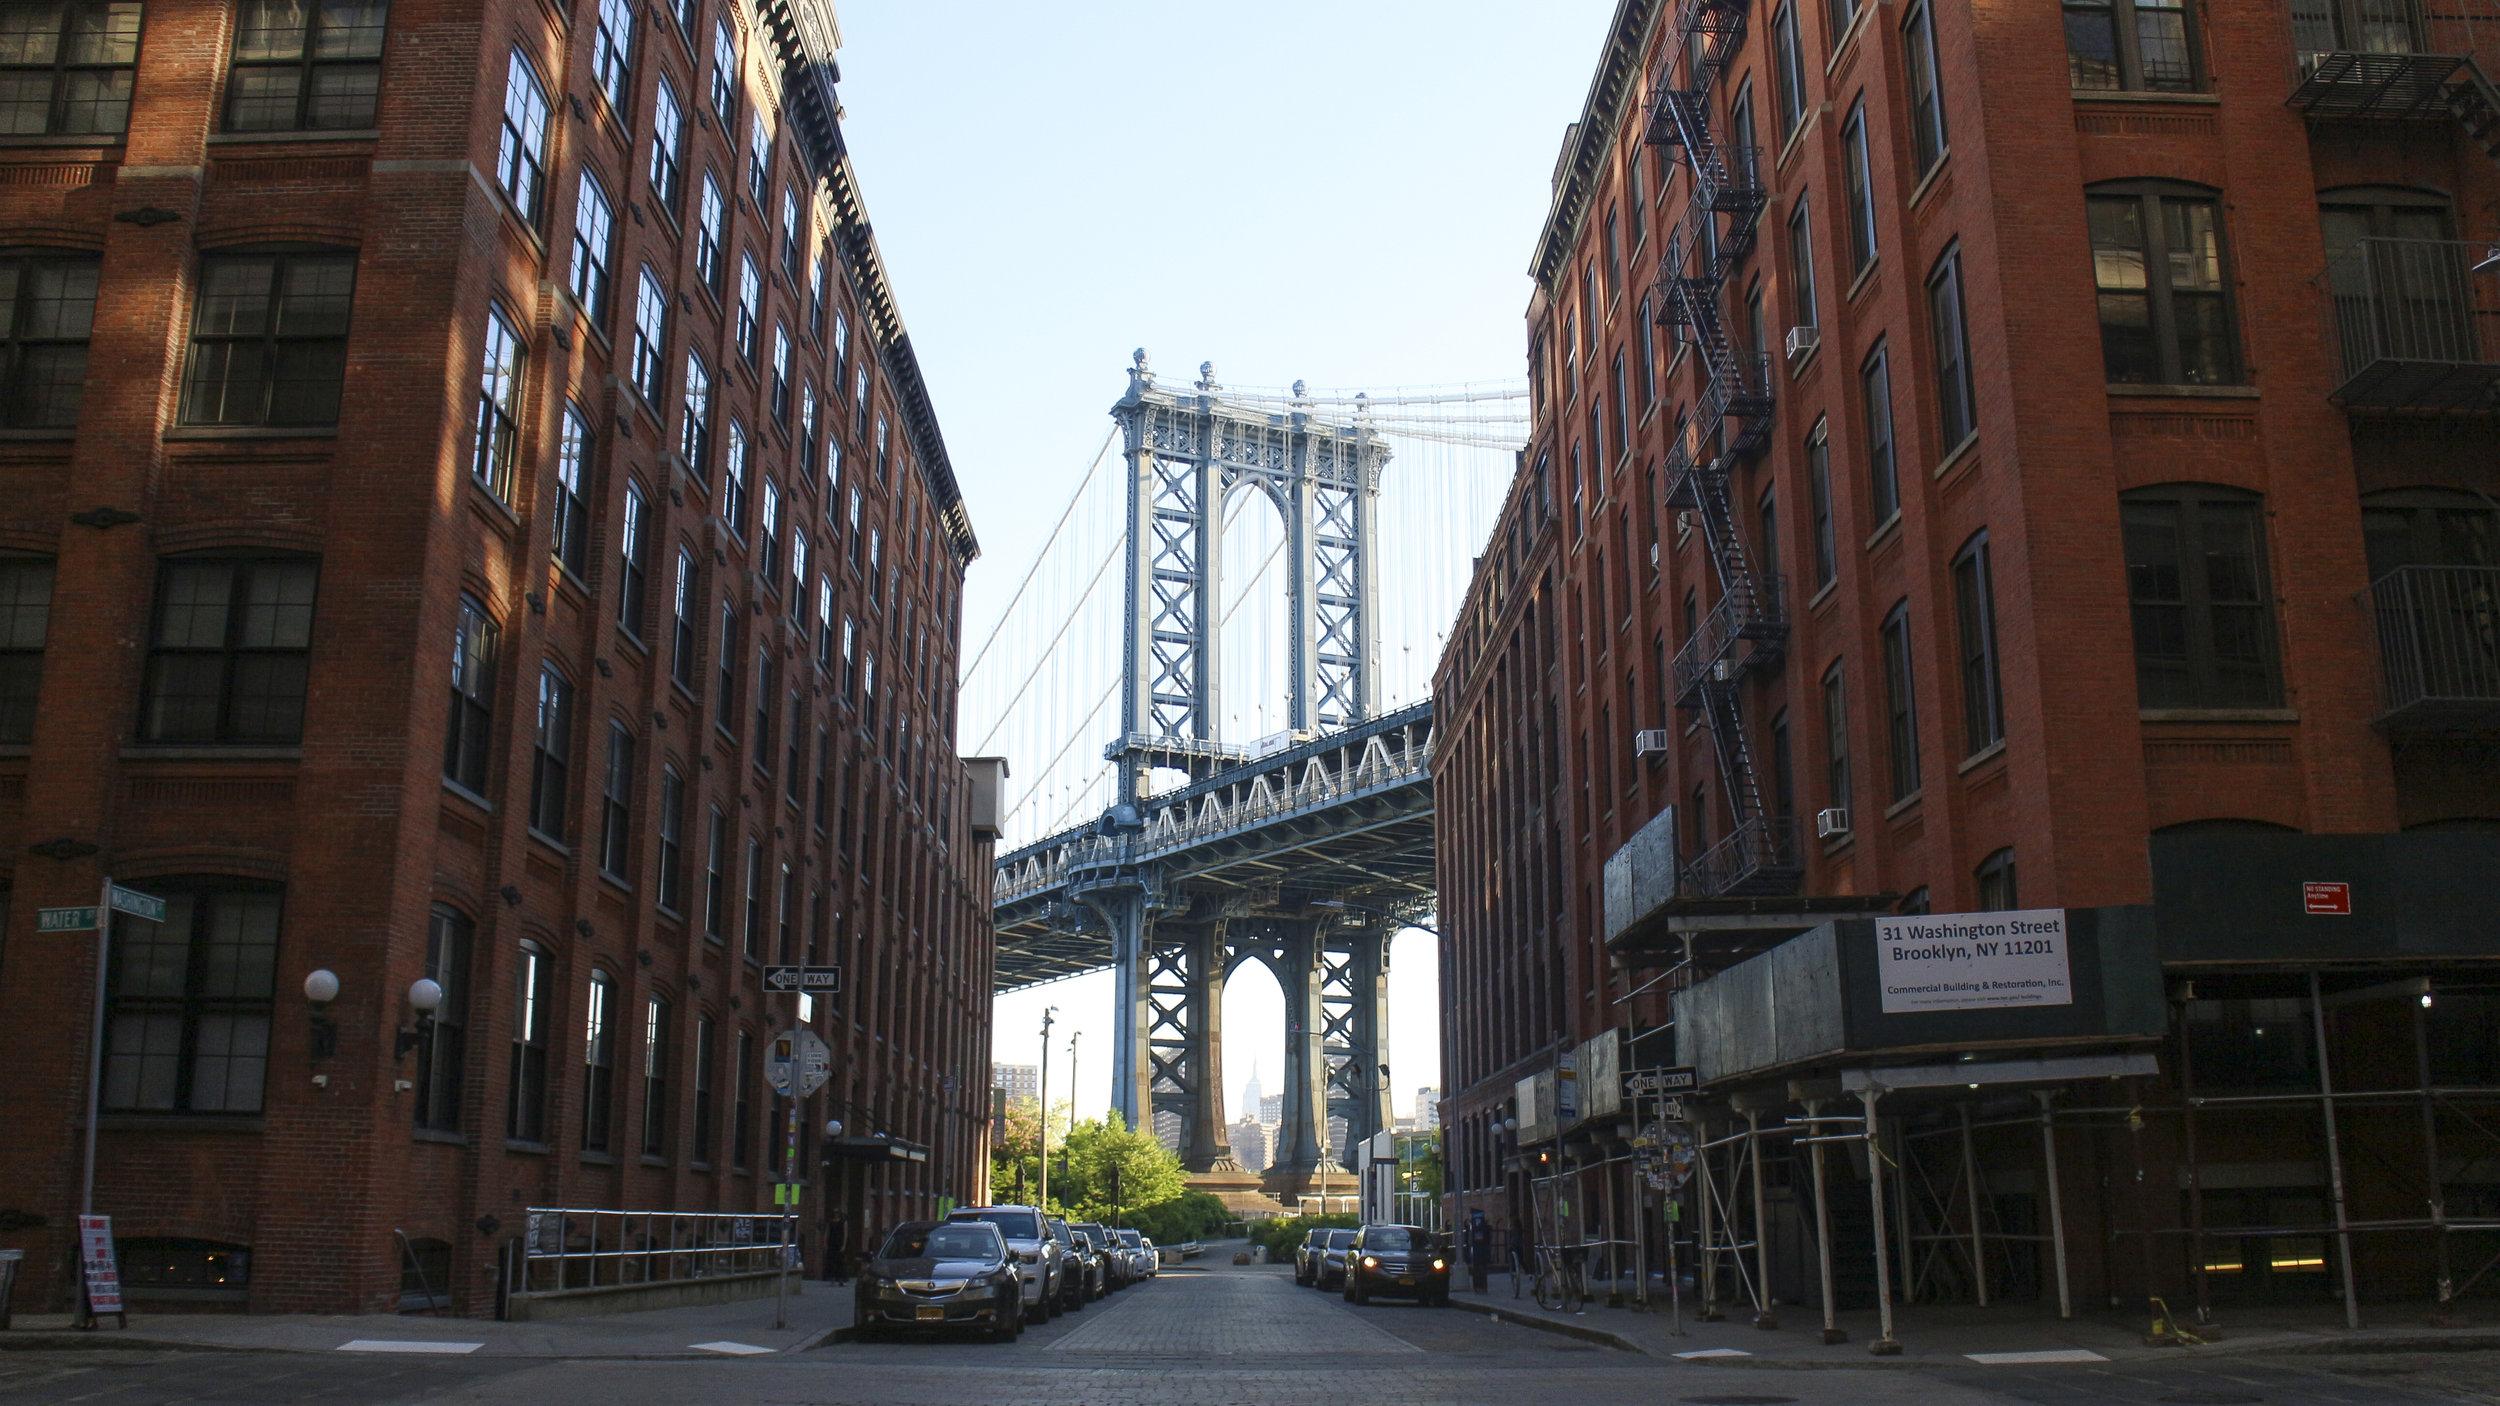 Дамбо Бруклин нью-йорк.jpg